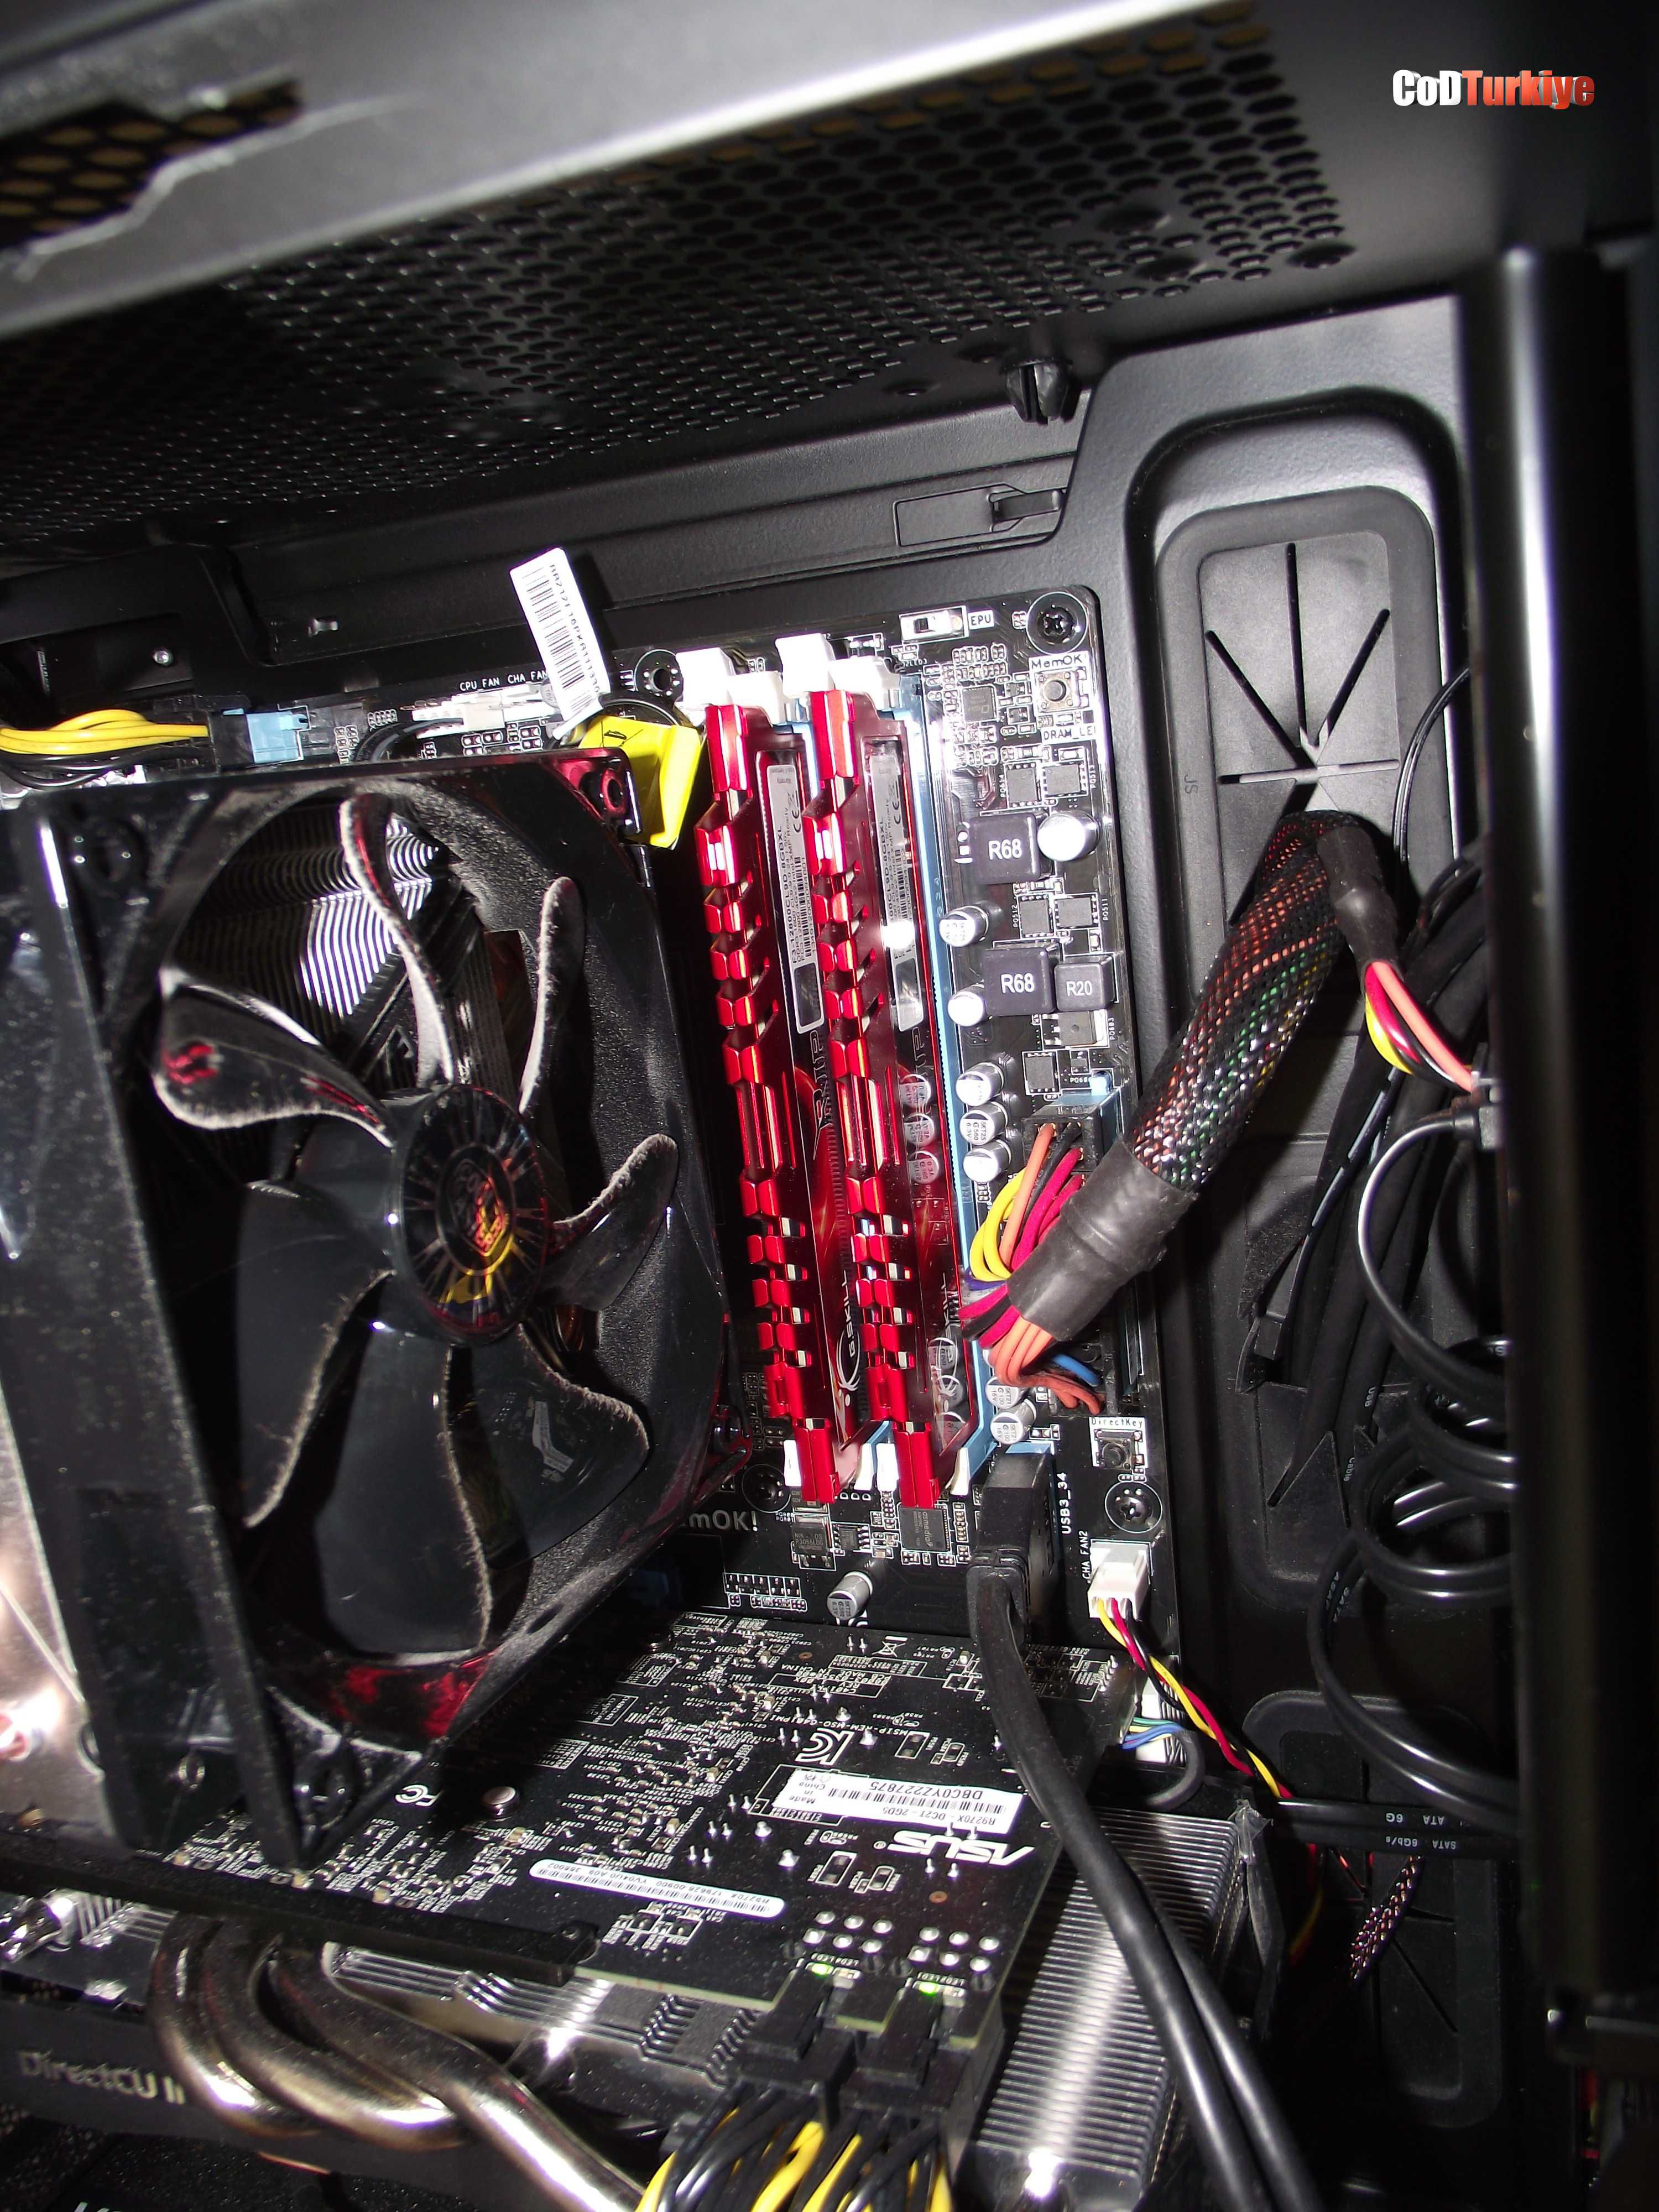 RipJawsX 8 Gb. DDR3 RAM